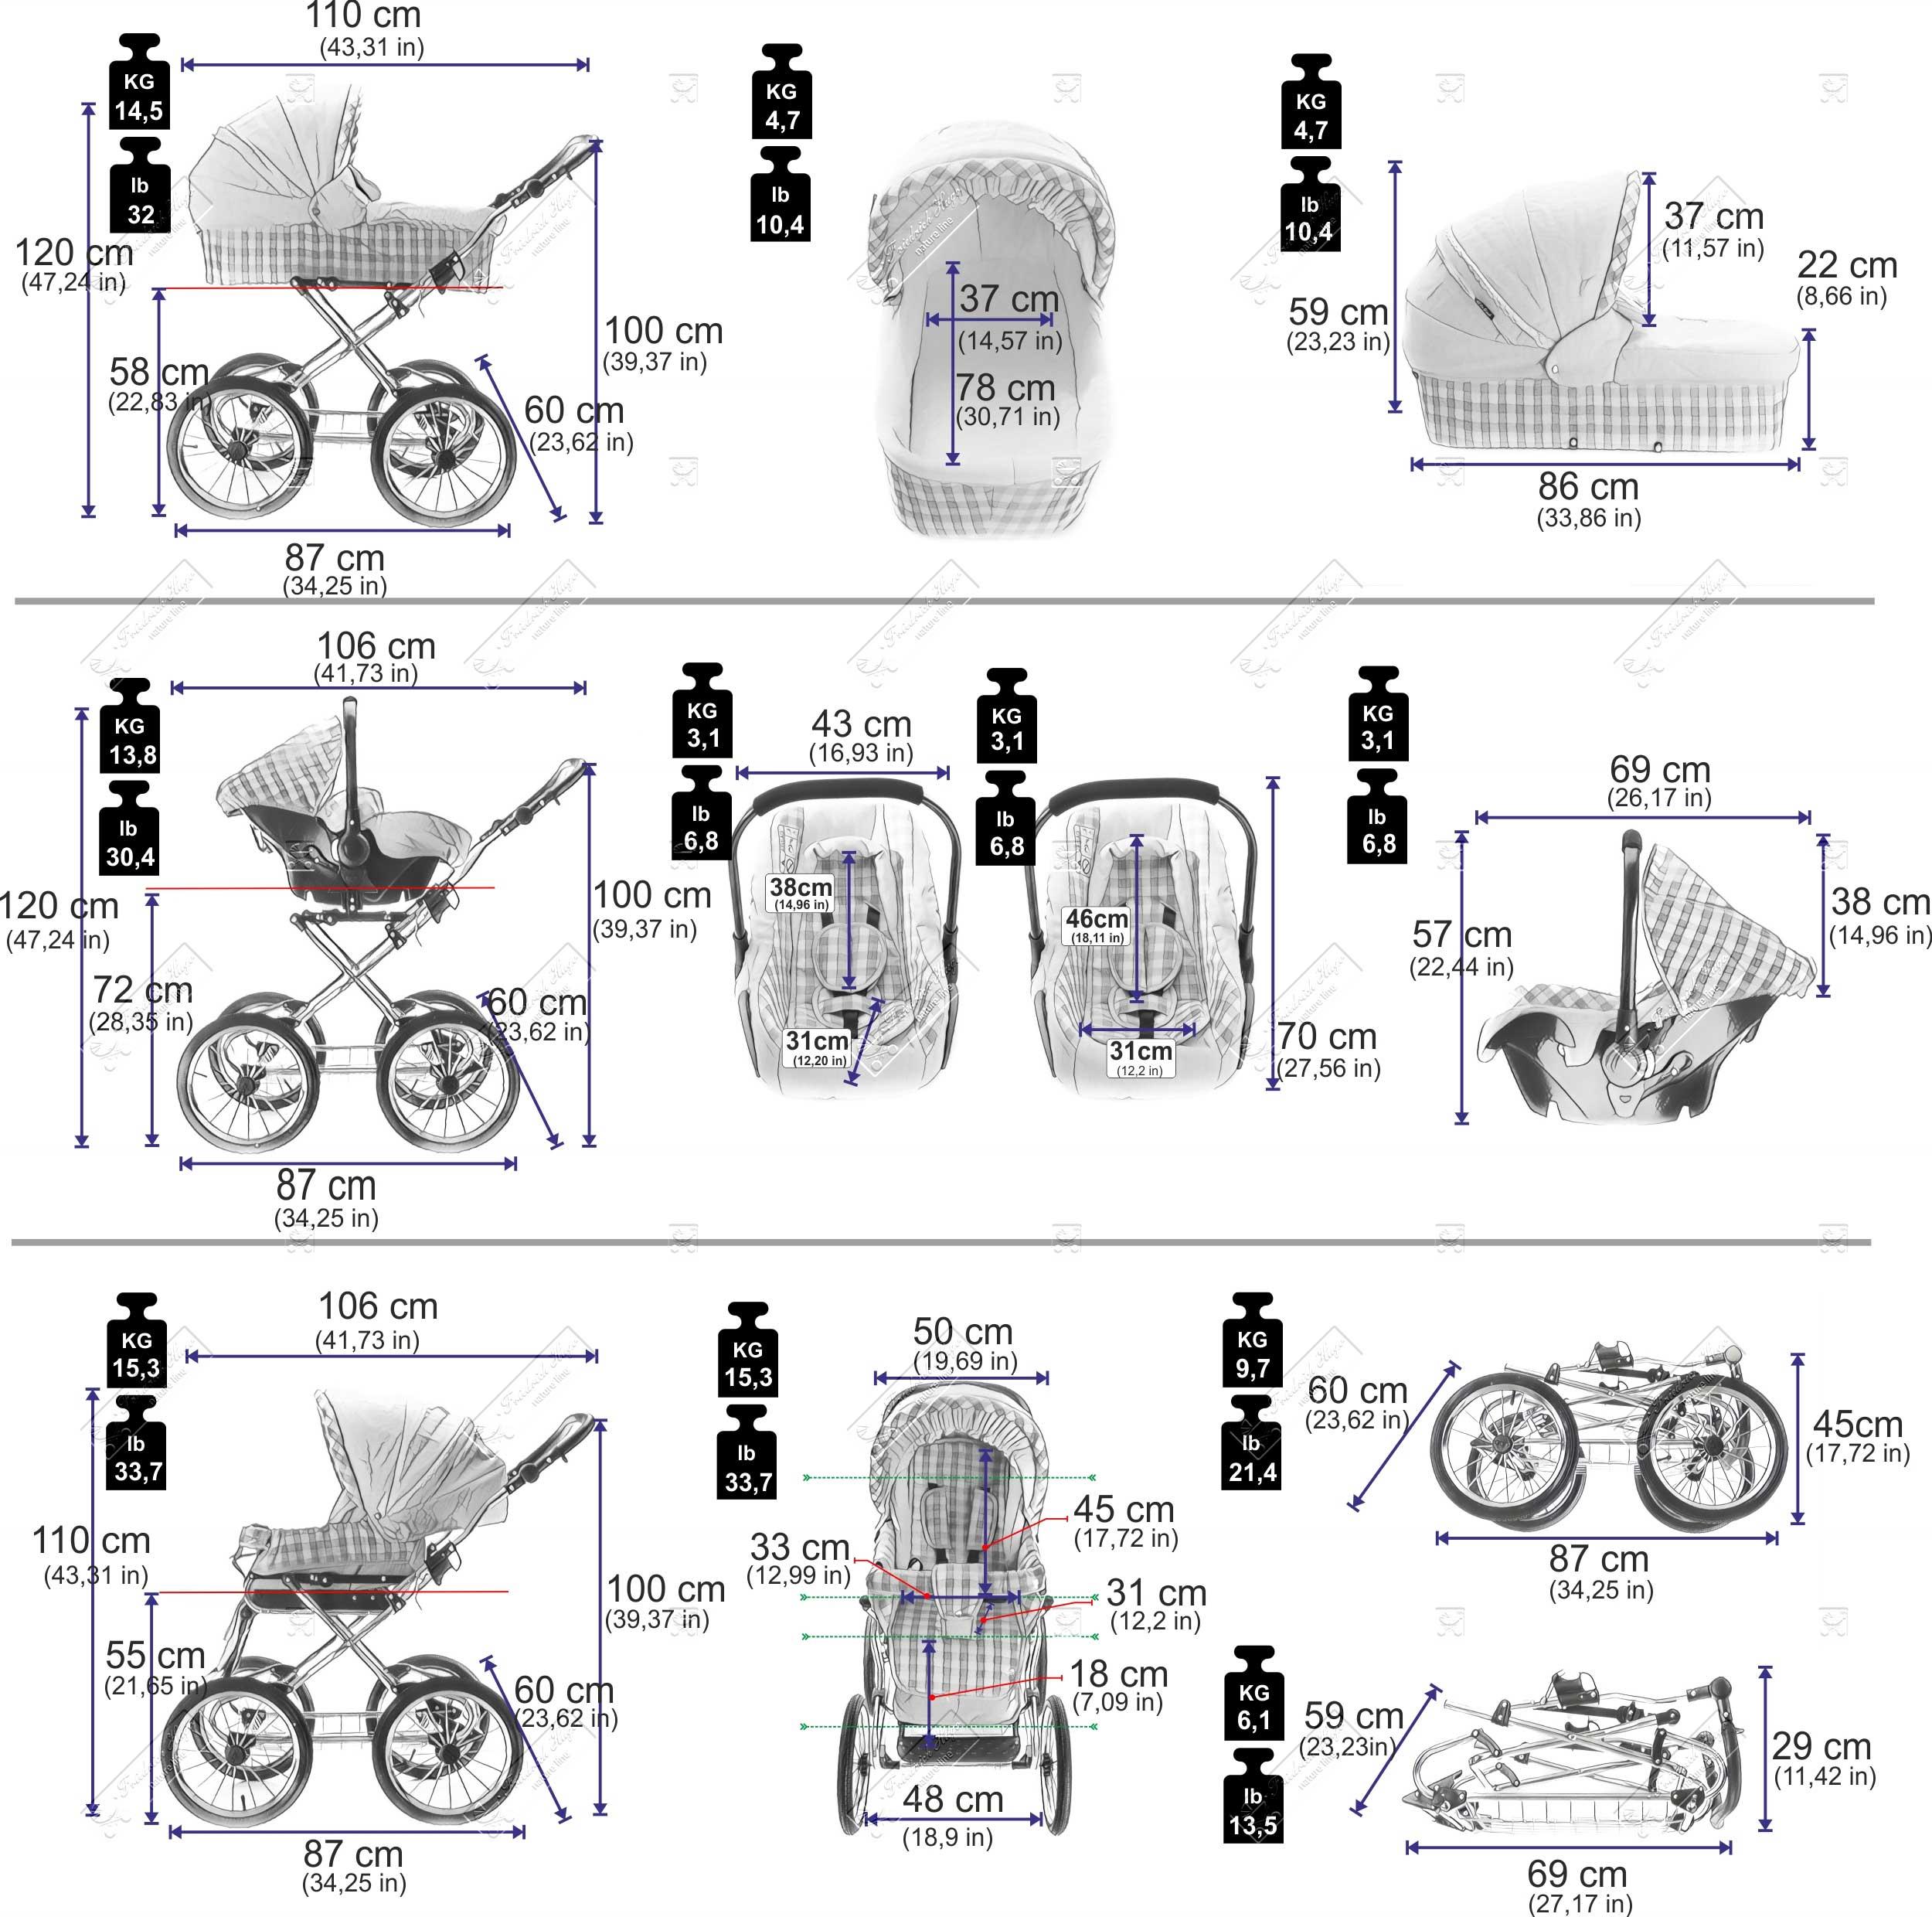 friedrich hugo ko natureline uni 3 in 1. Black Bedroom Furniture Sets. Home Design Ideas